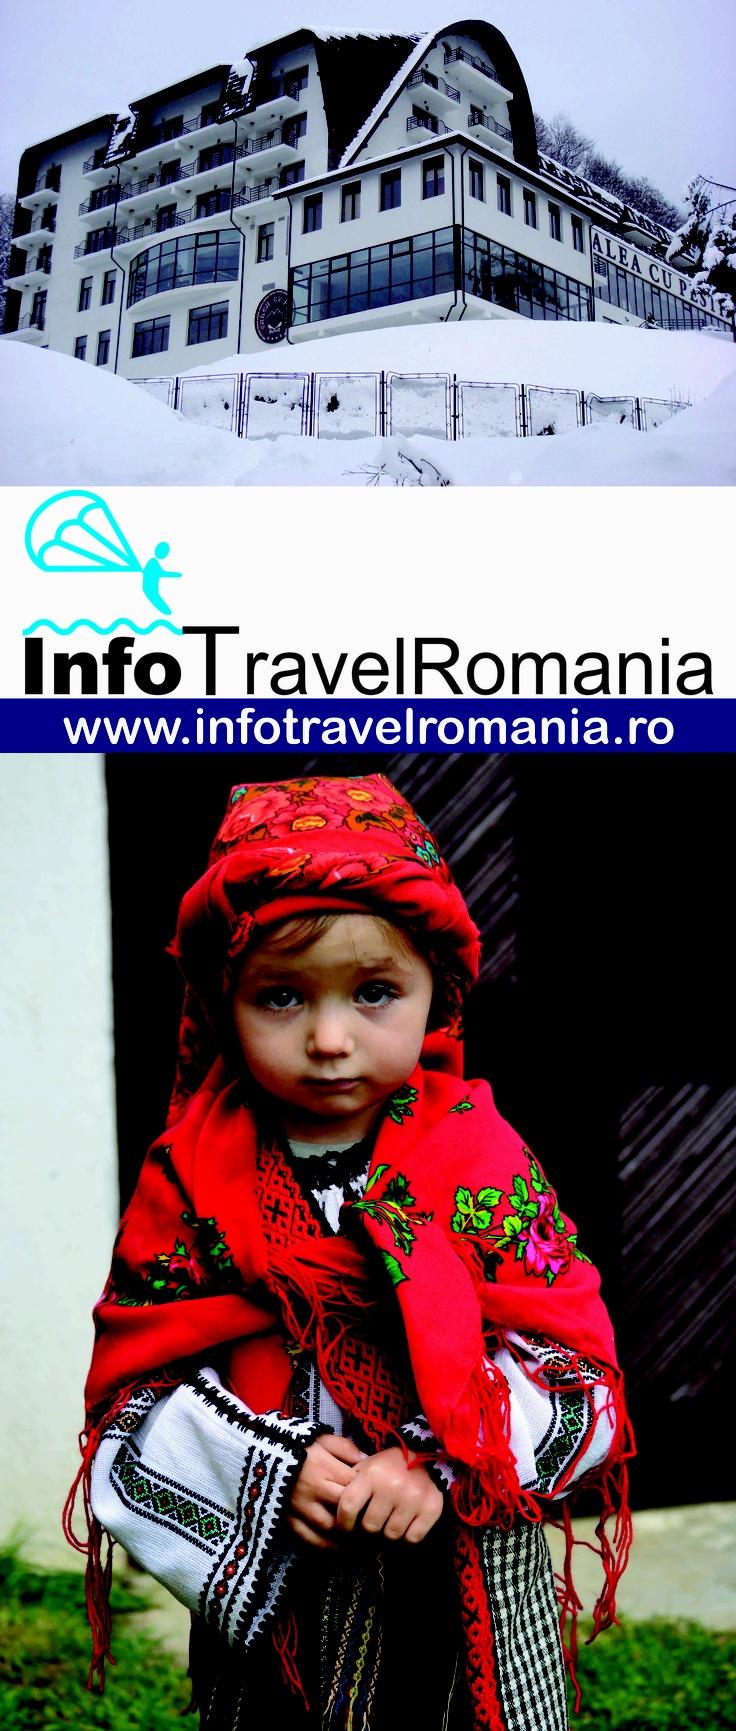 afis InfoTravelRomania